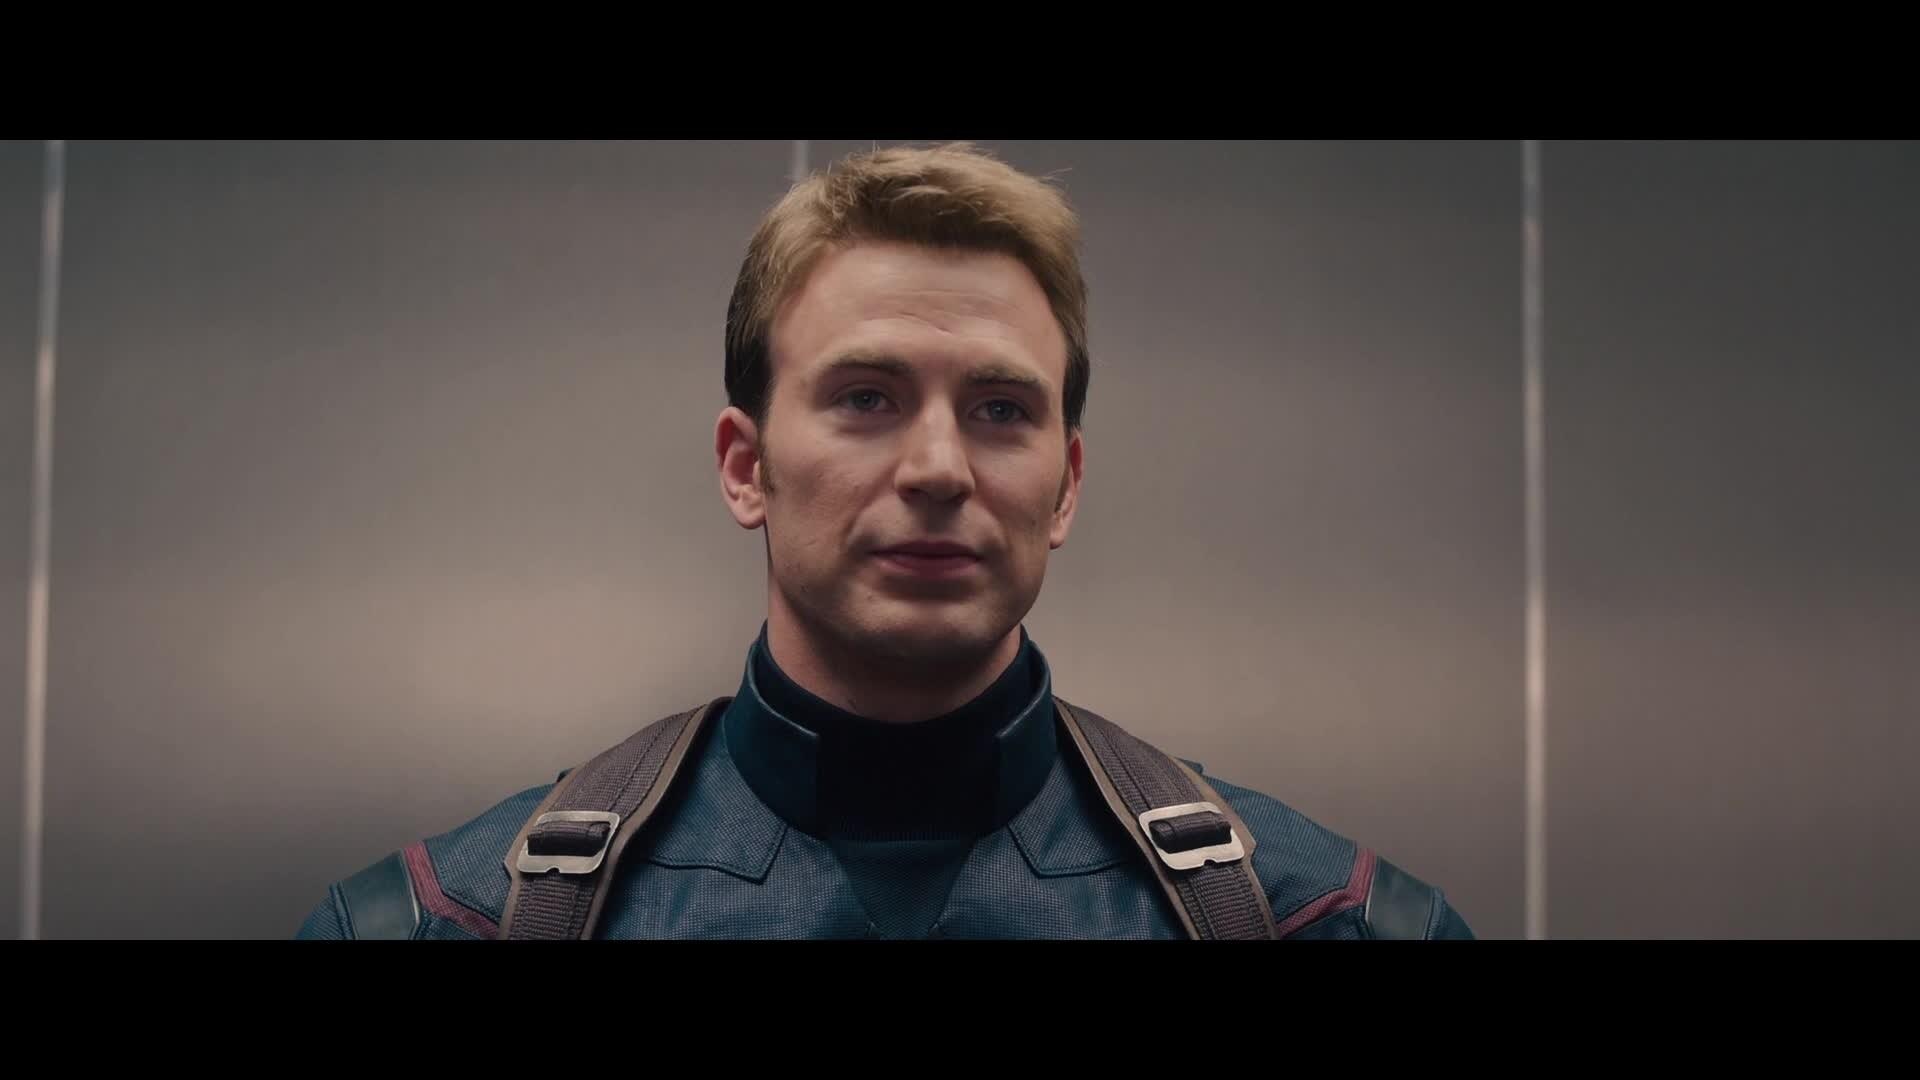 Avengers : L'ère d'Ultron - C'est lui le patron